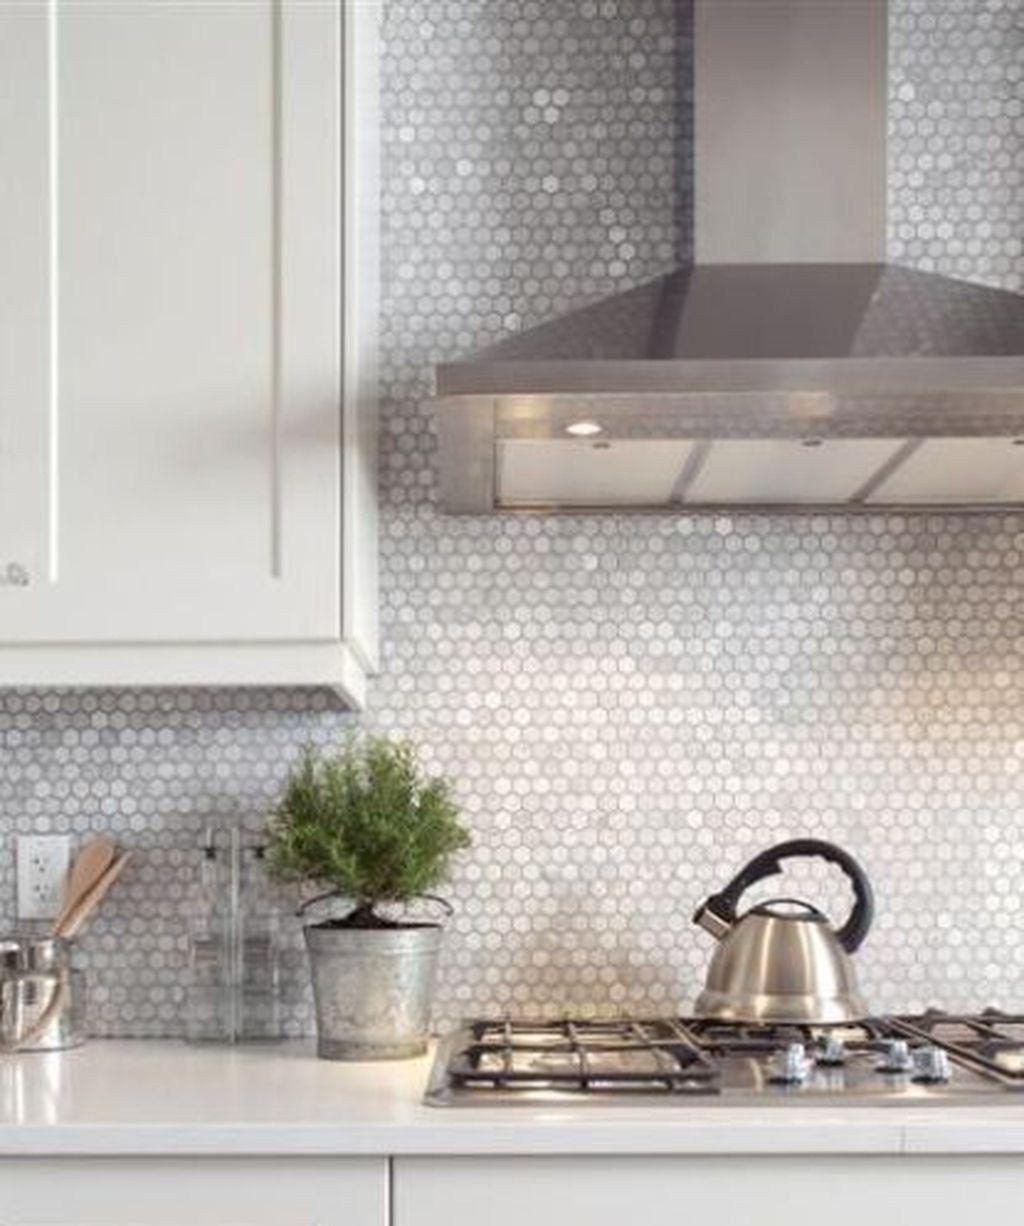 20 Schöne Küche umgestalten Backsplash Fliese Ideen - Diy und Deko